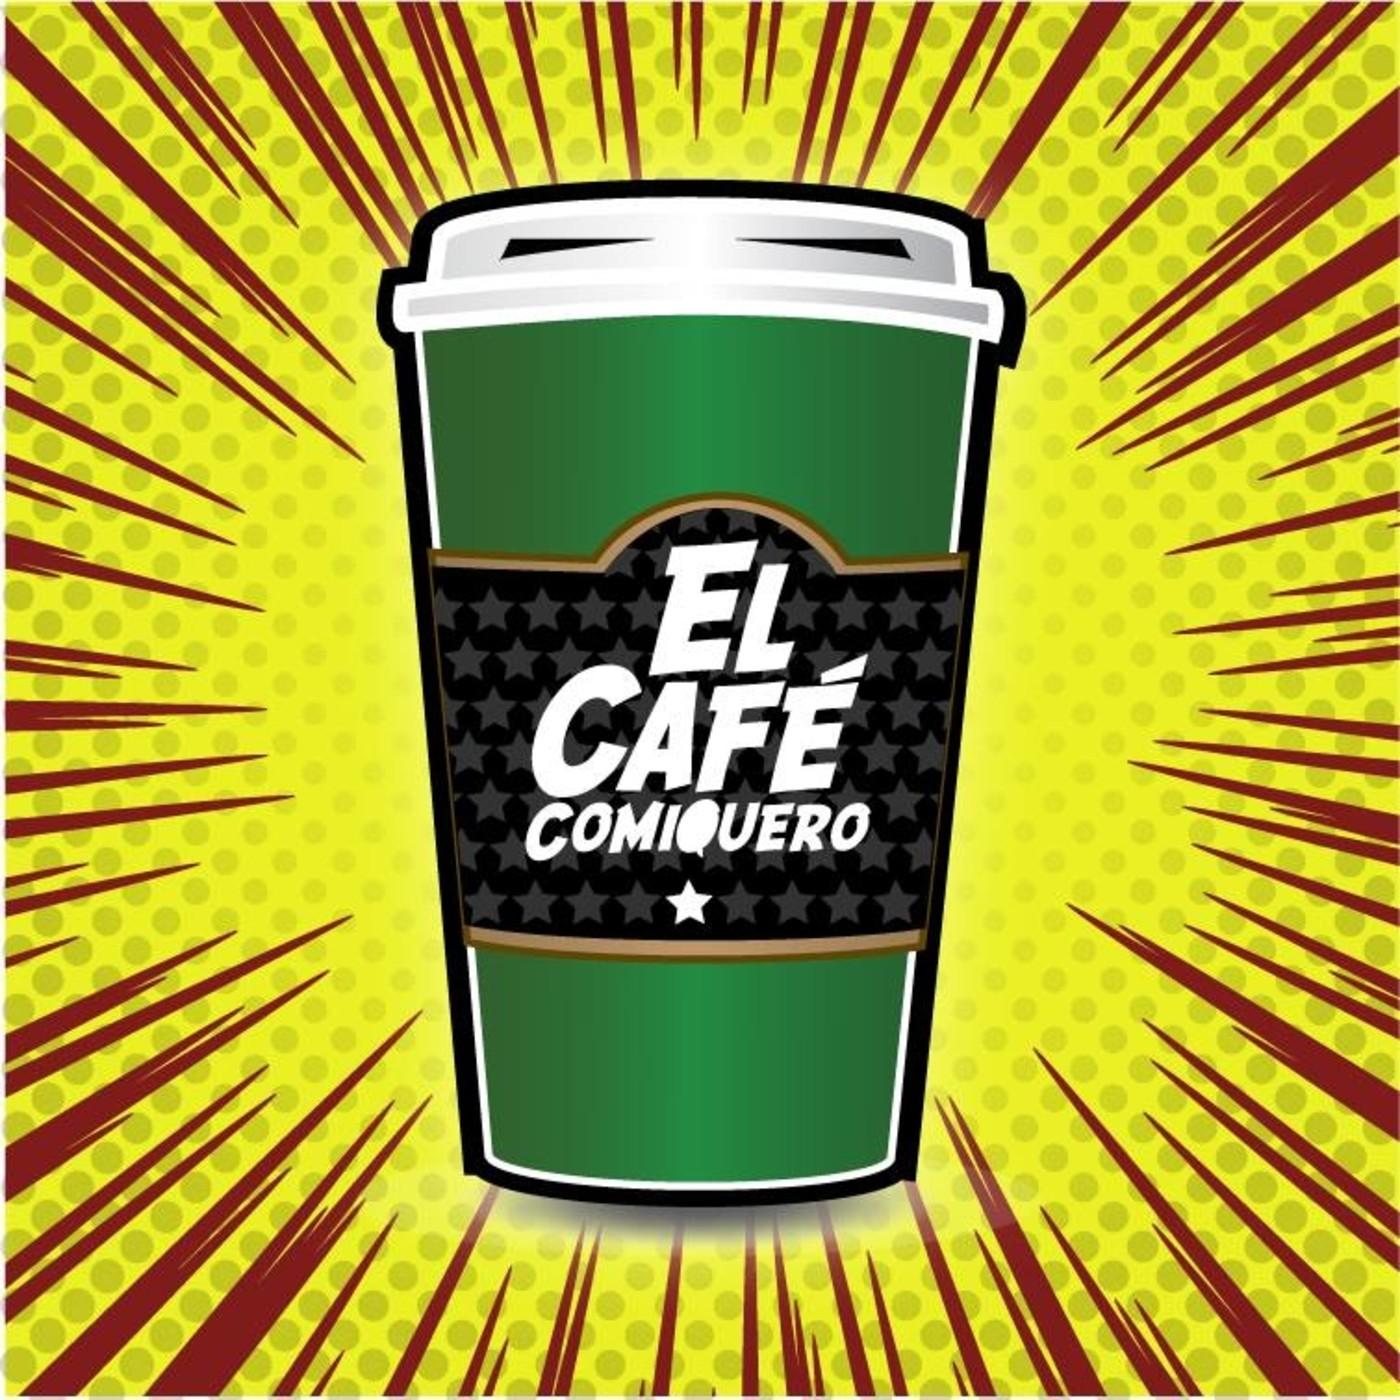 El Café Comiquero